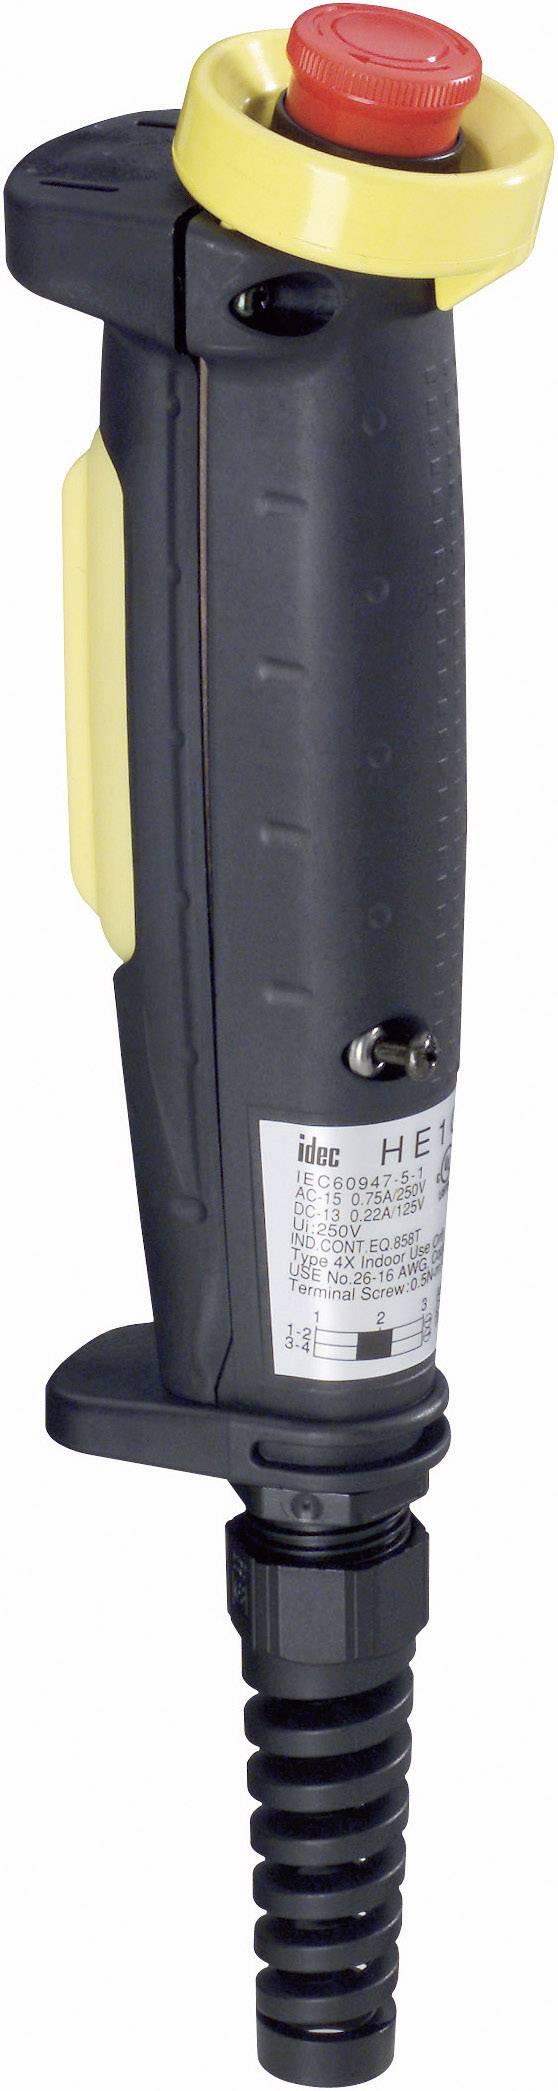 Ručné tlačidlo Idec HE1G-20ME, 250 V/AC, 3 A, 1 ks